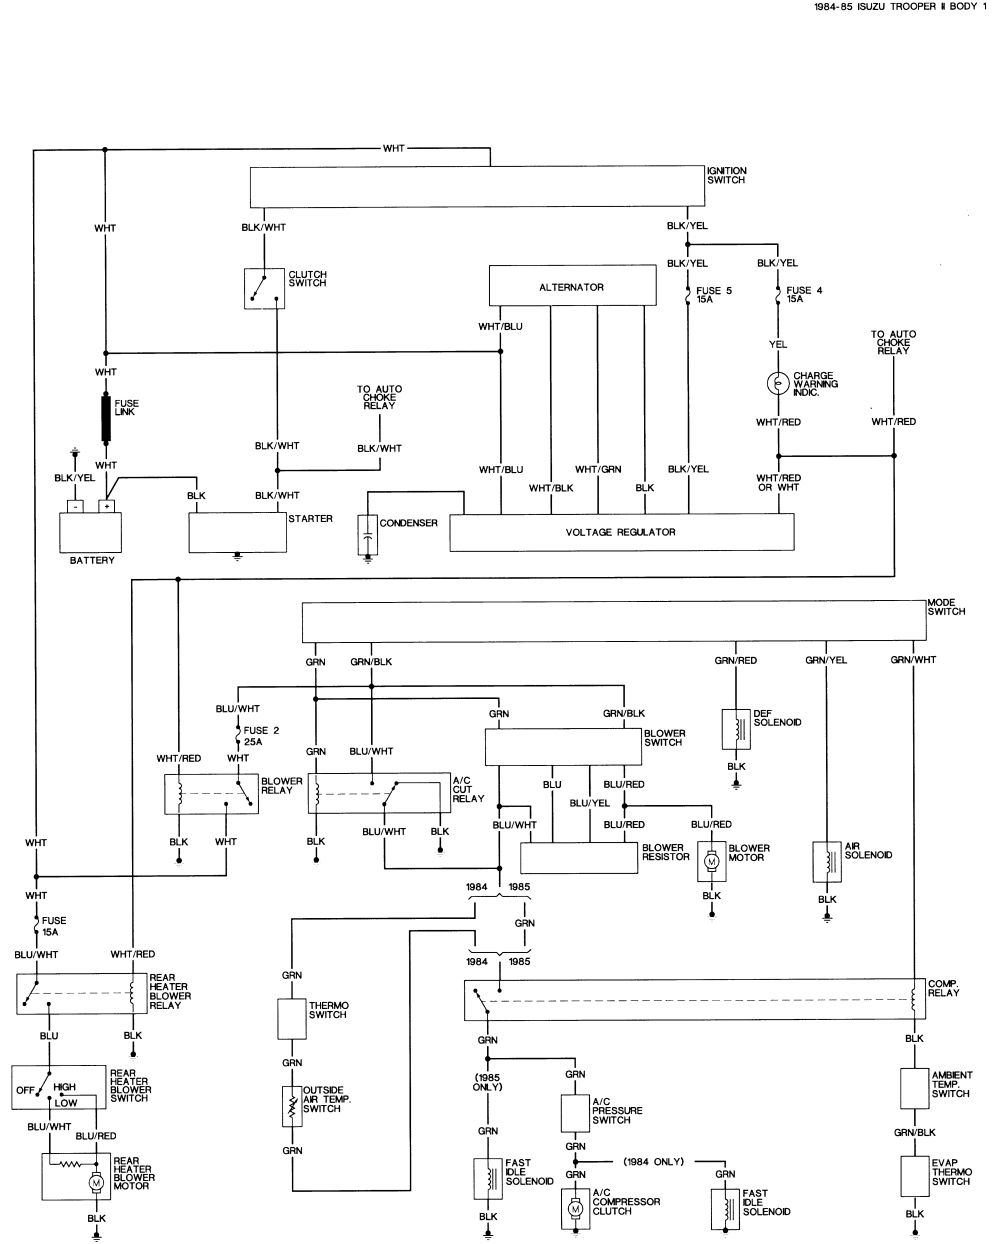 Isuzu Rodeo Stereo Wiring Diagram Trailblazer Car Altima Rodeo